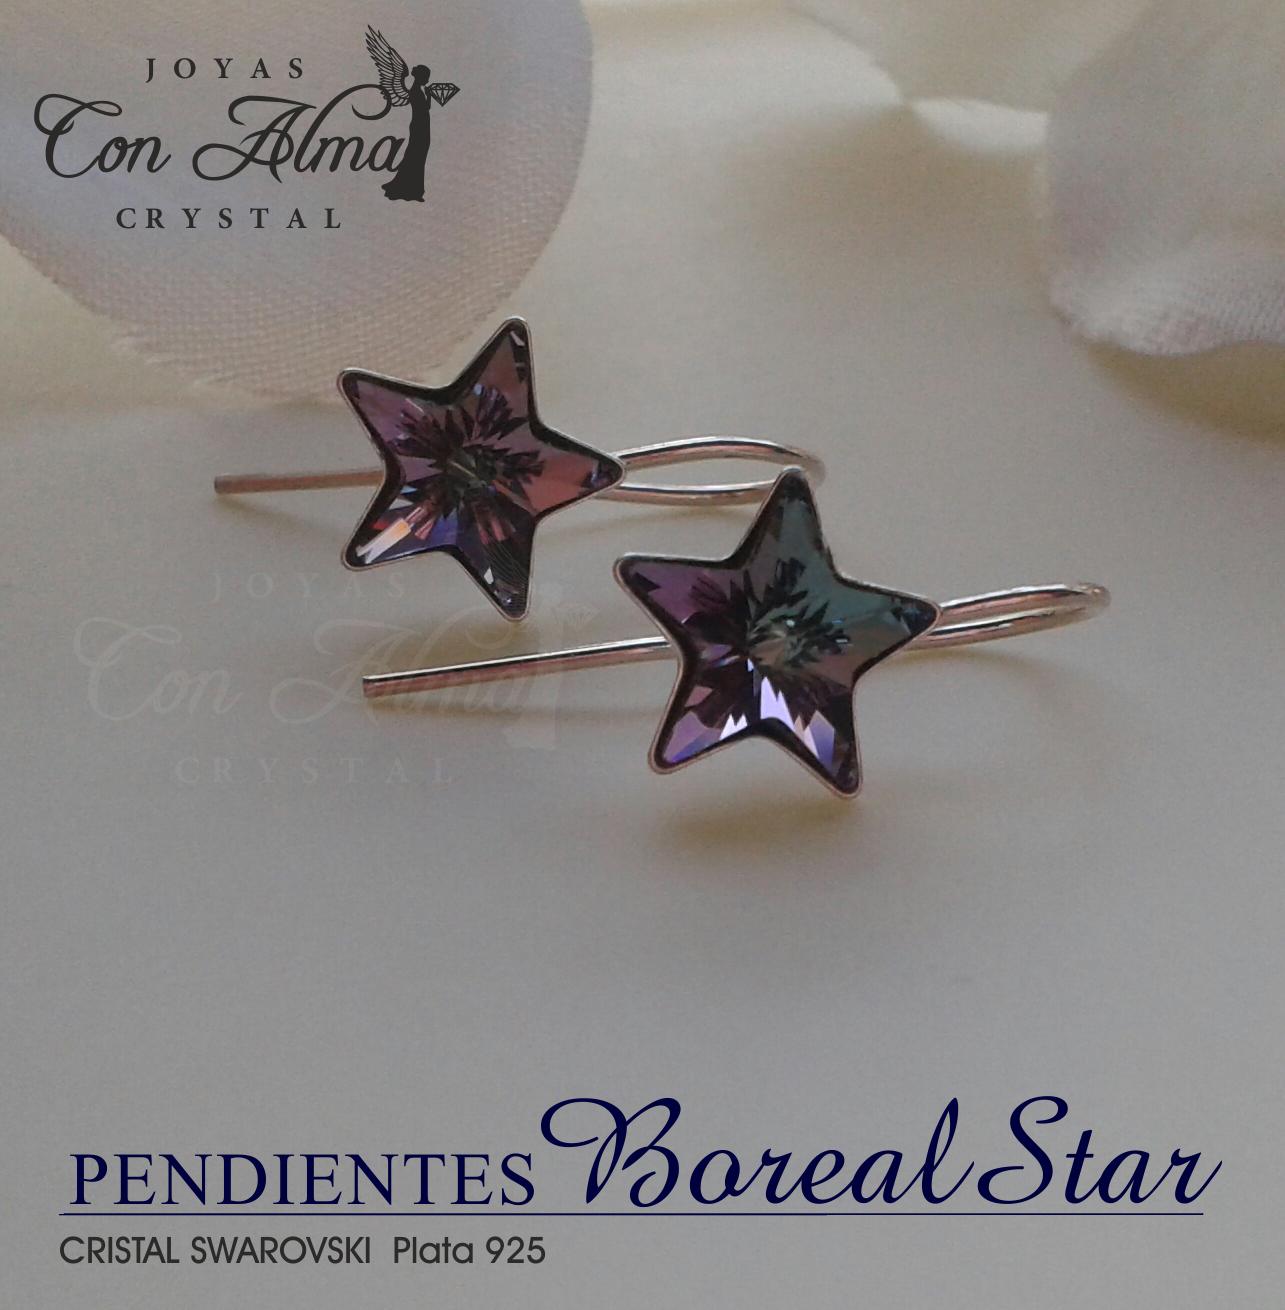 Pendientes Boreal Star  19,99 €